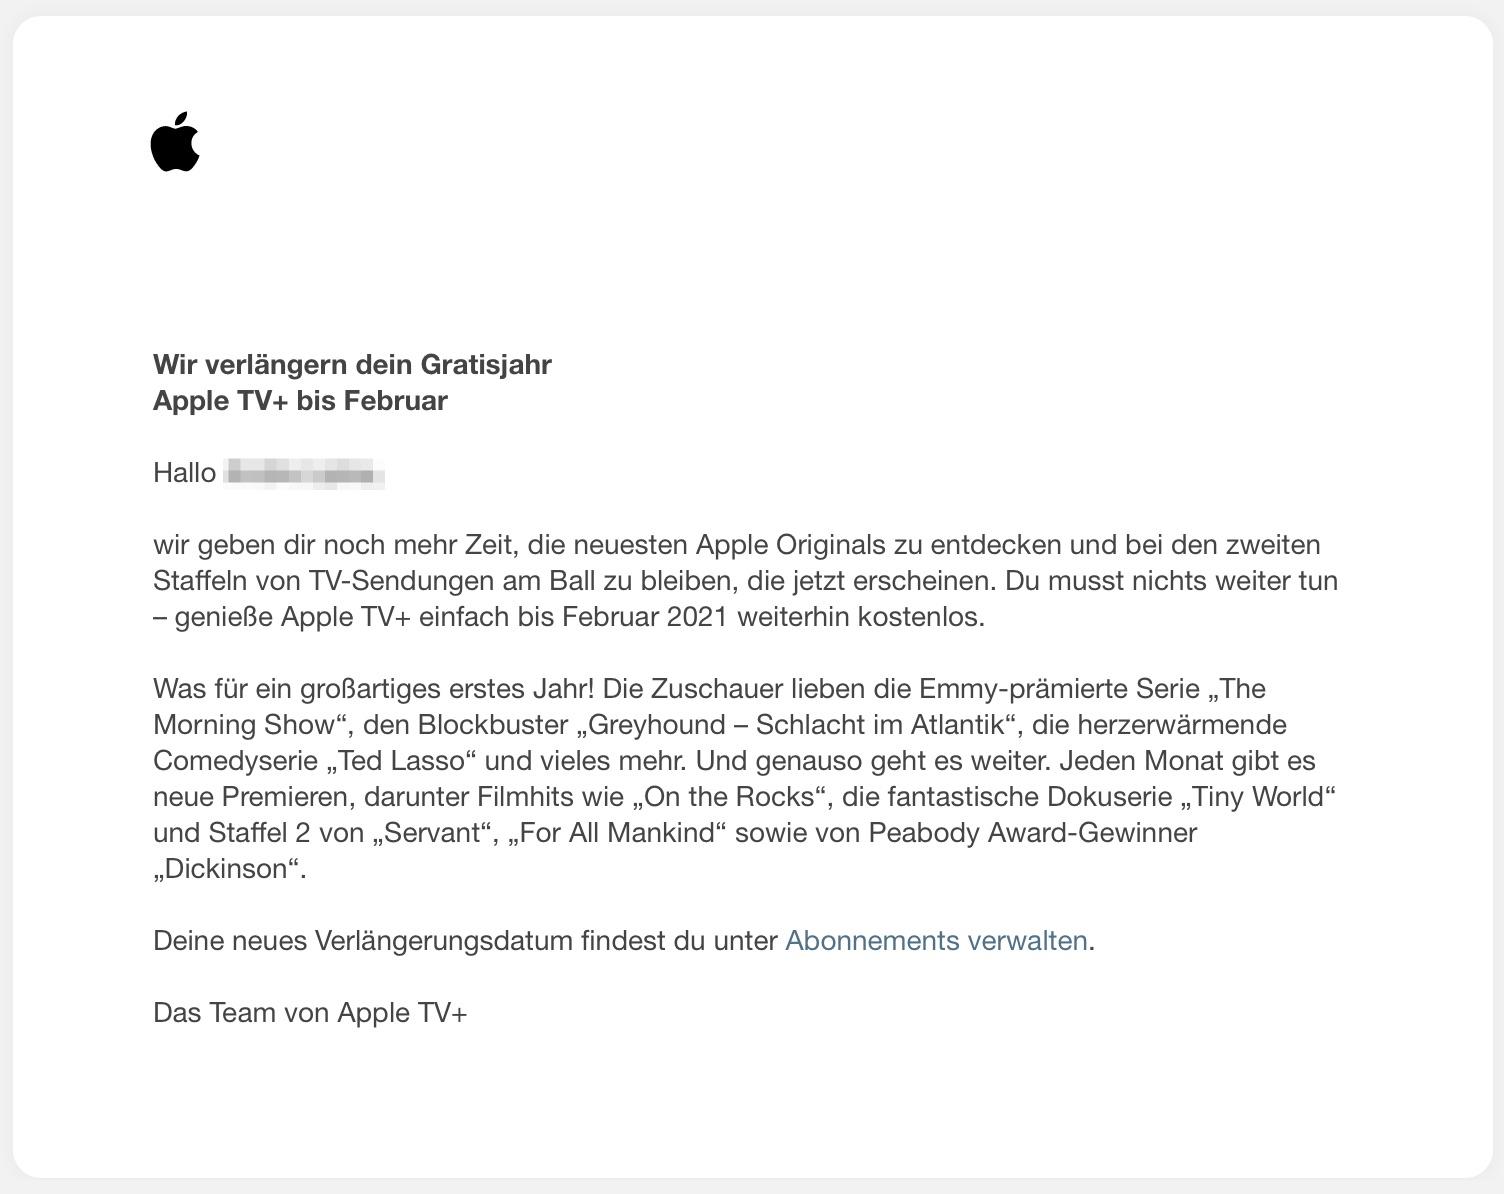 Offiziell: Apple TV+ Gratisjahr wird bis Februar 2021 verlängert › Macerkopf